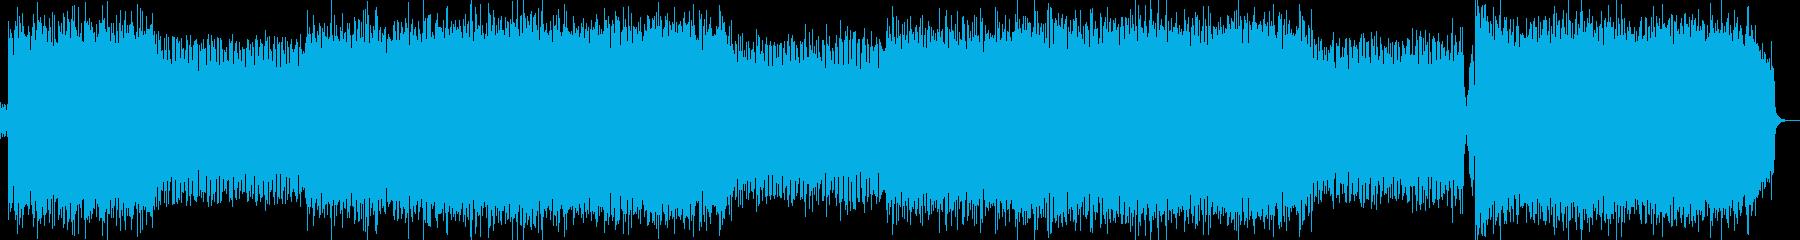 Maximum Powerの再生済みの波形